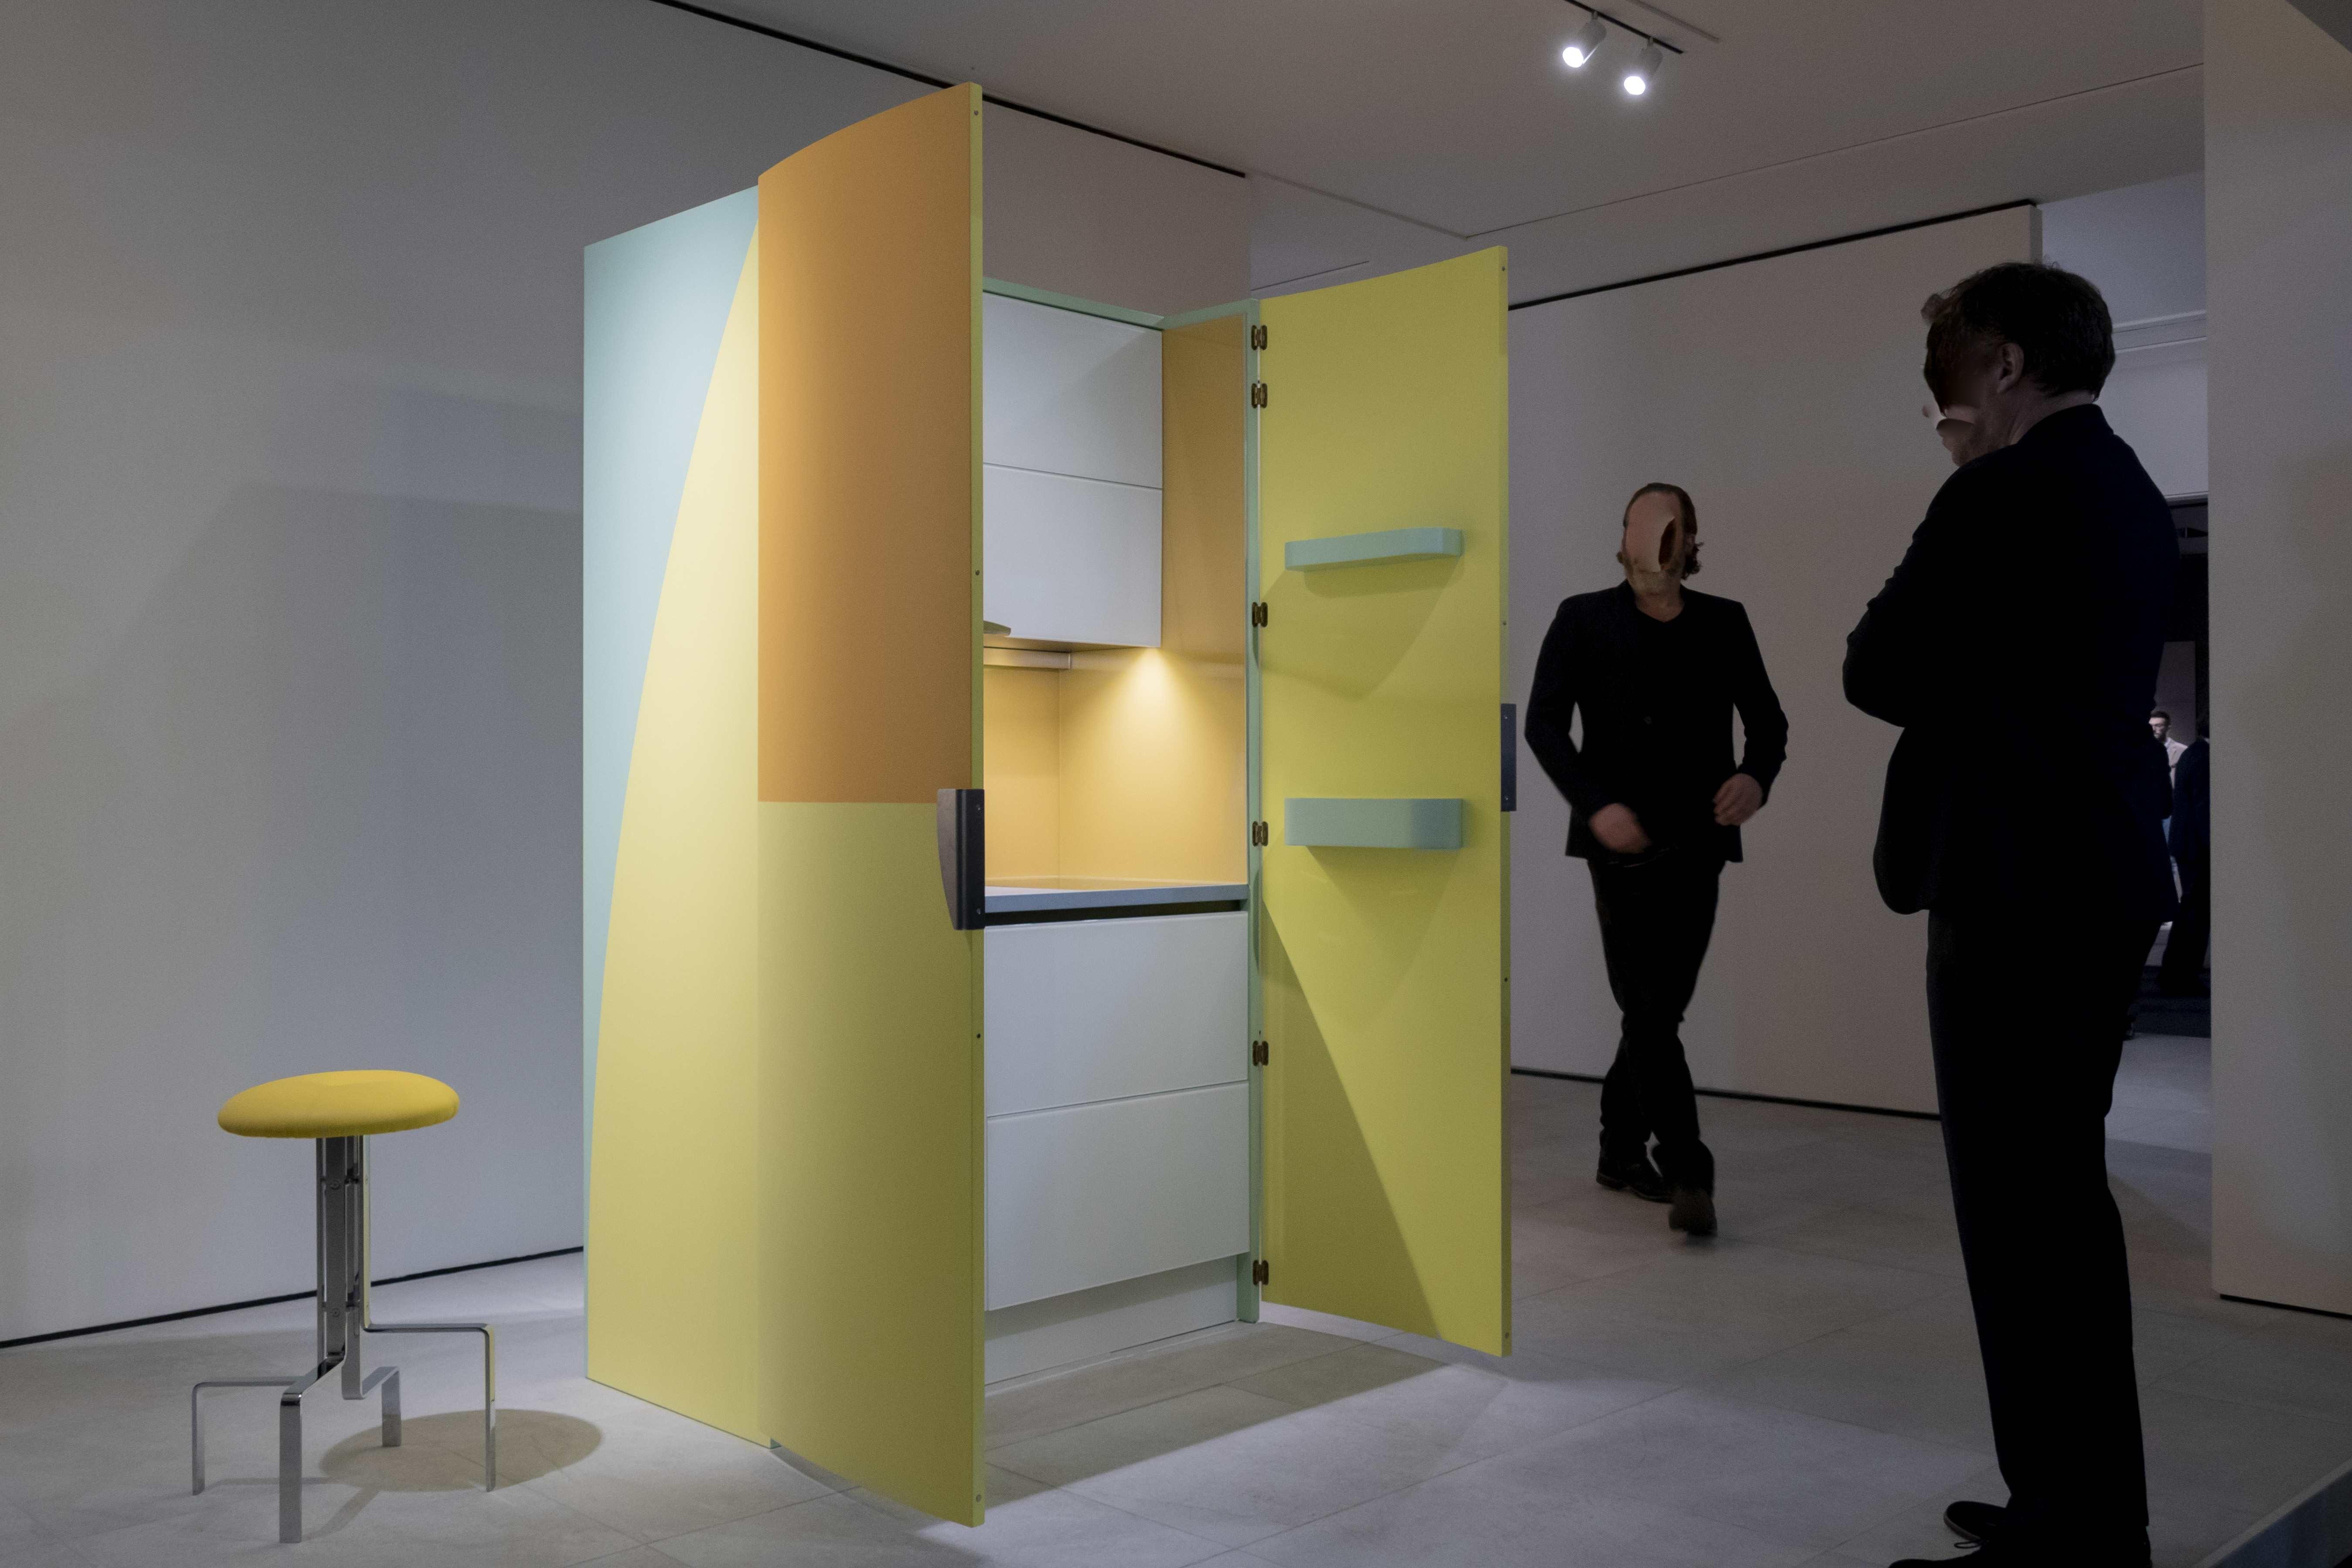 SANWA Gewinner des Salone del Mobile.Milano Award 2018 photo 2 SAVERIO LOMBARDI VALLAURI